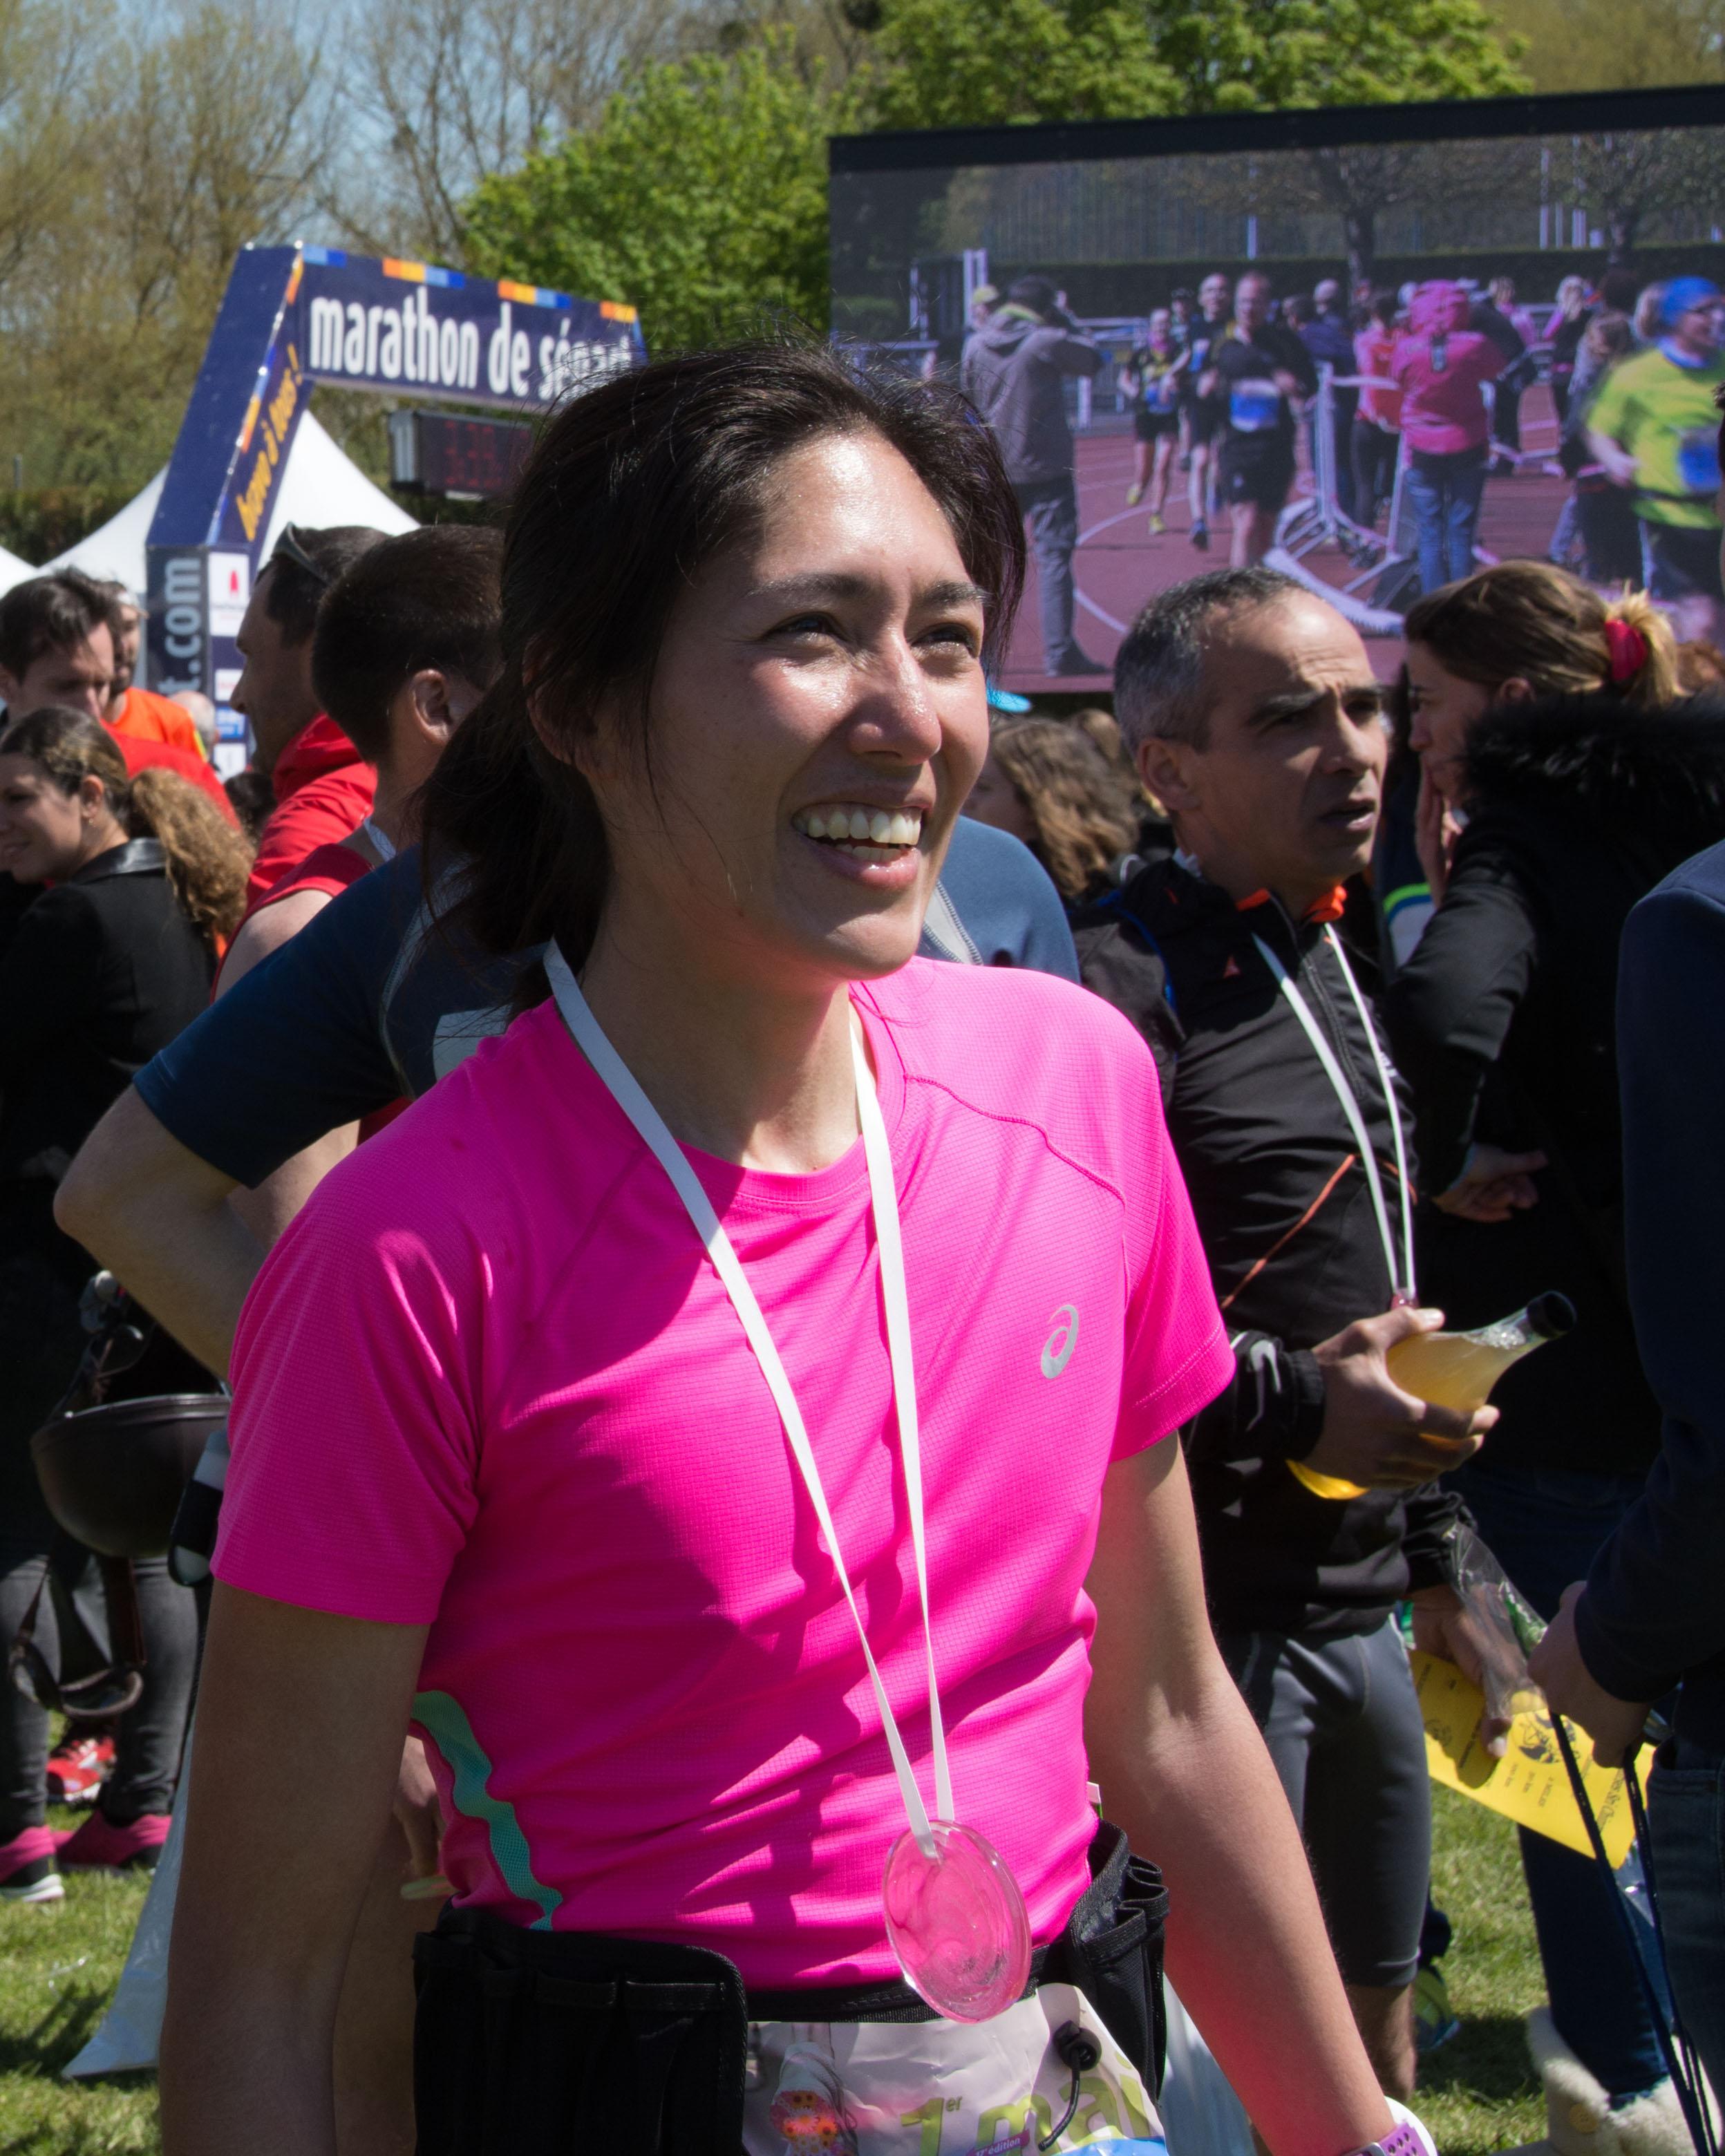 Le 1er mai 2016, je finissais mon premier marathon